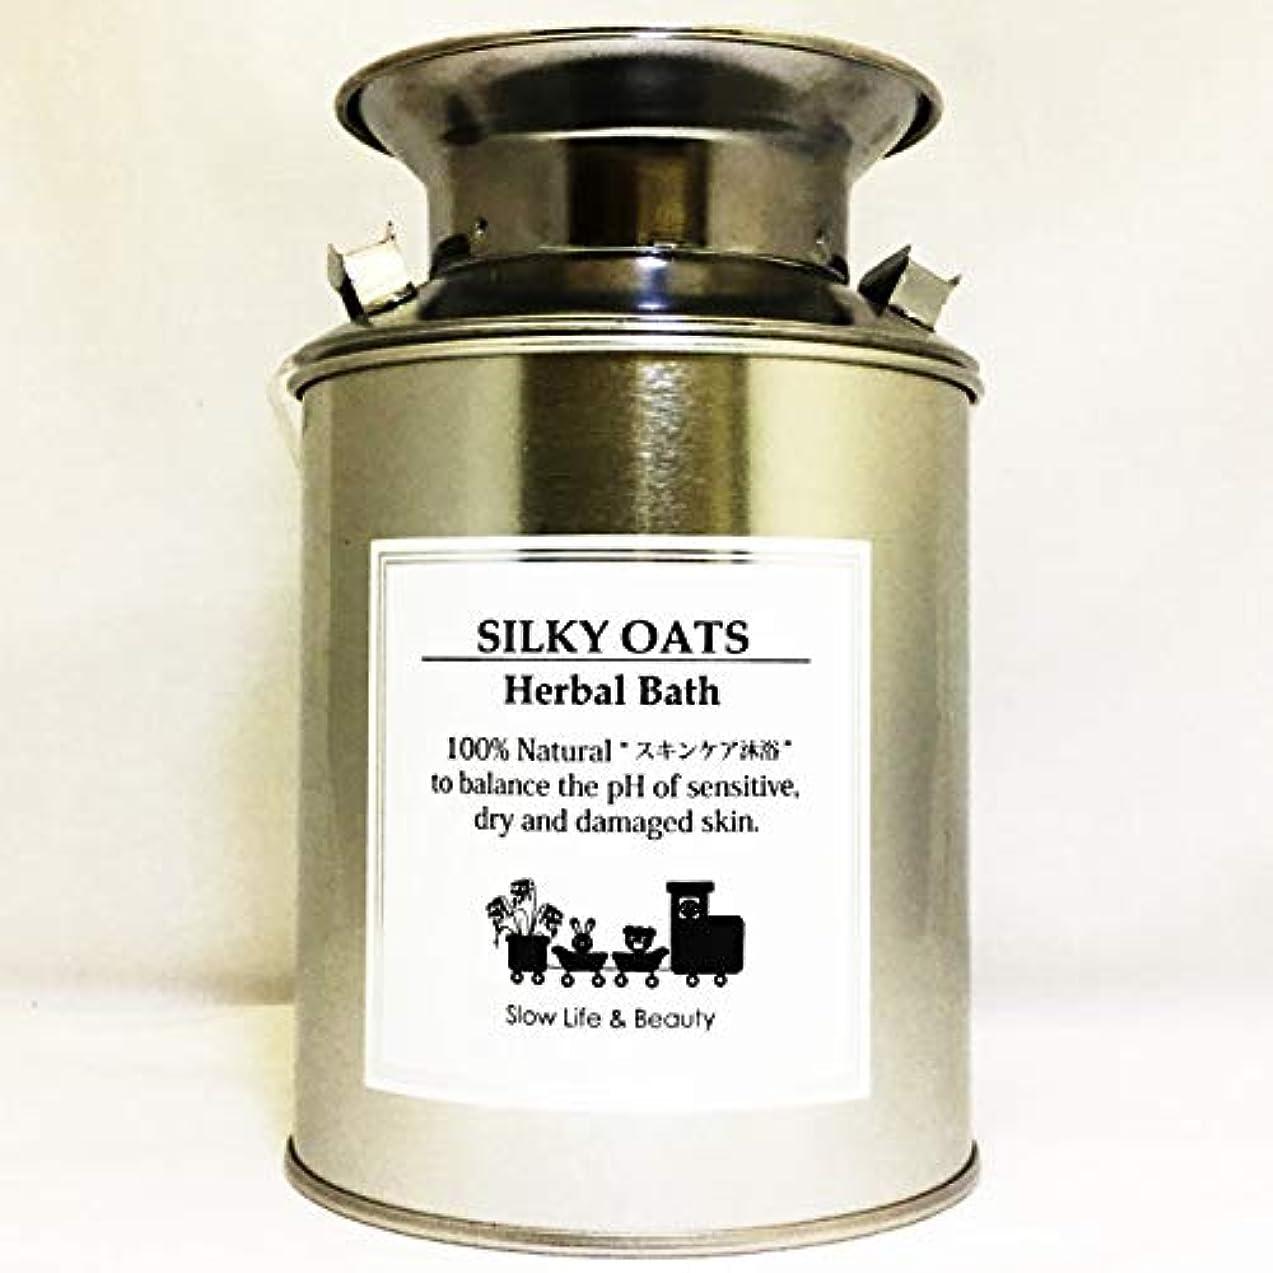 ホームレス機構褒賞シーラン SEARUN SILKY OATS Herbal Bath(ハーバルバス)10g×20袋